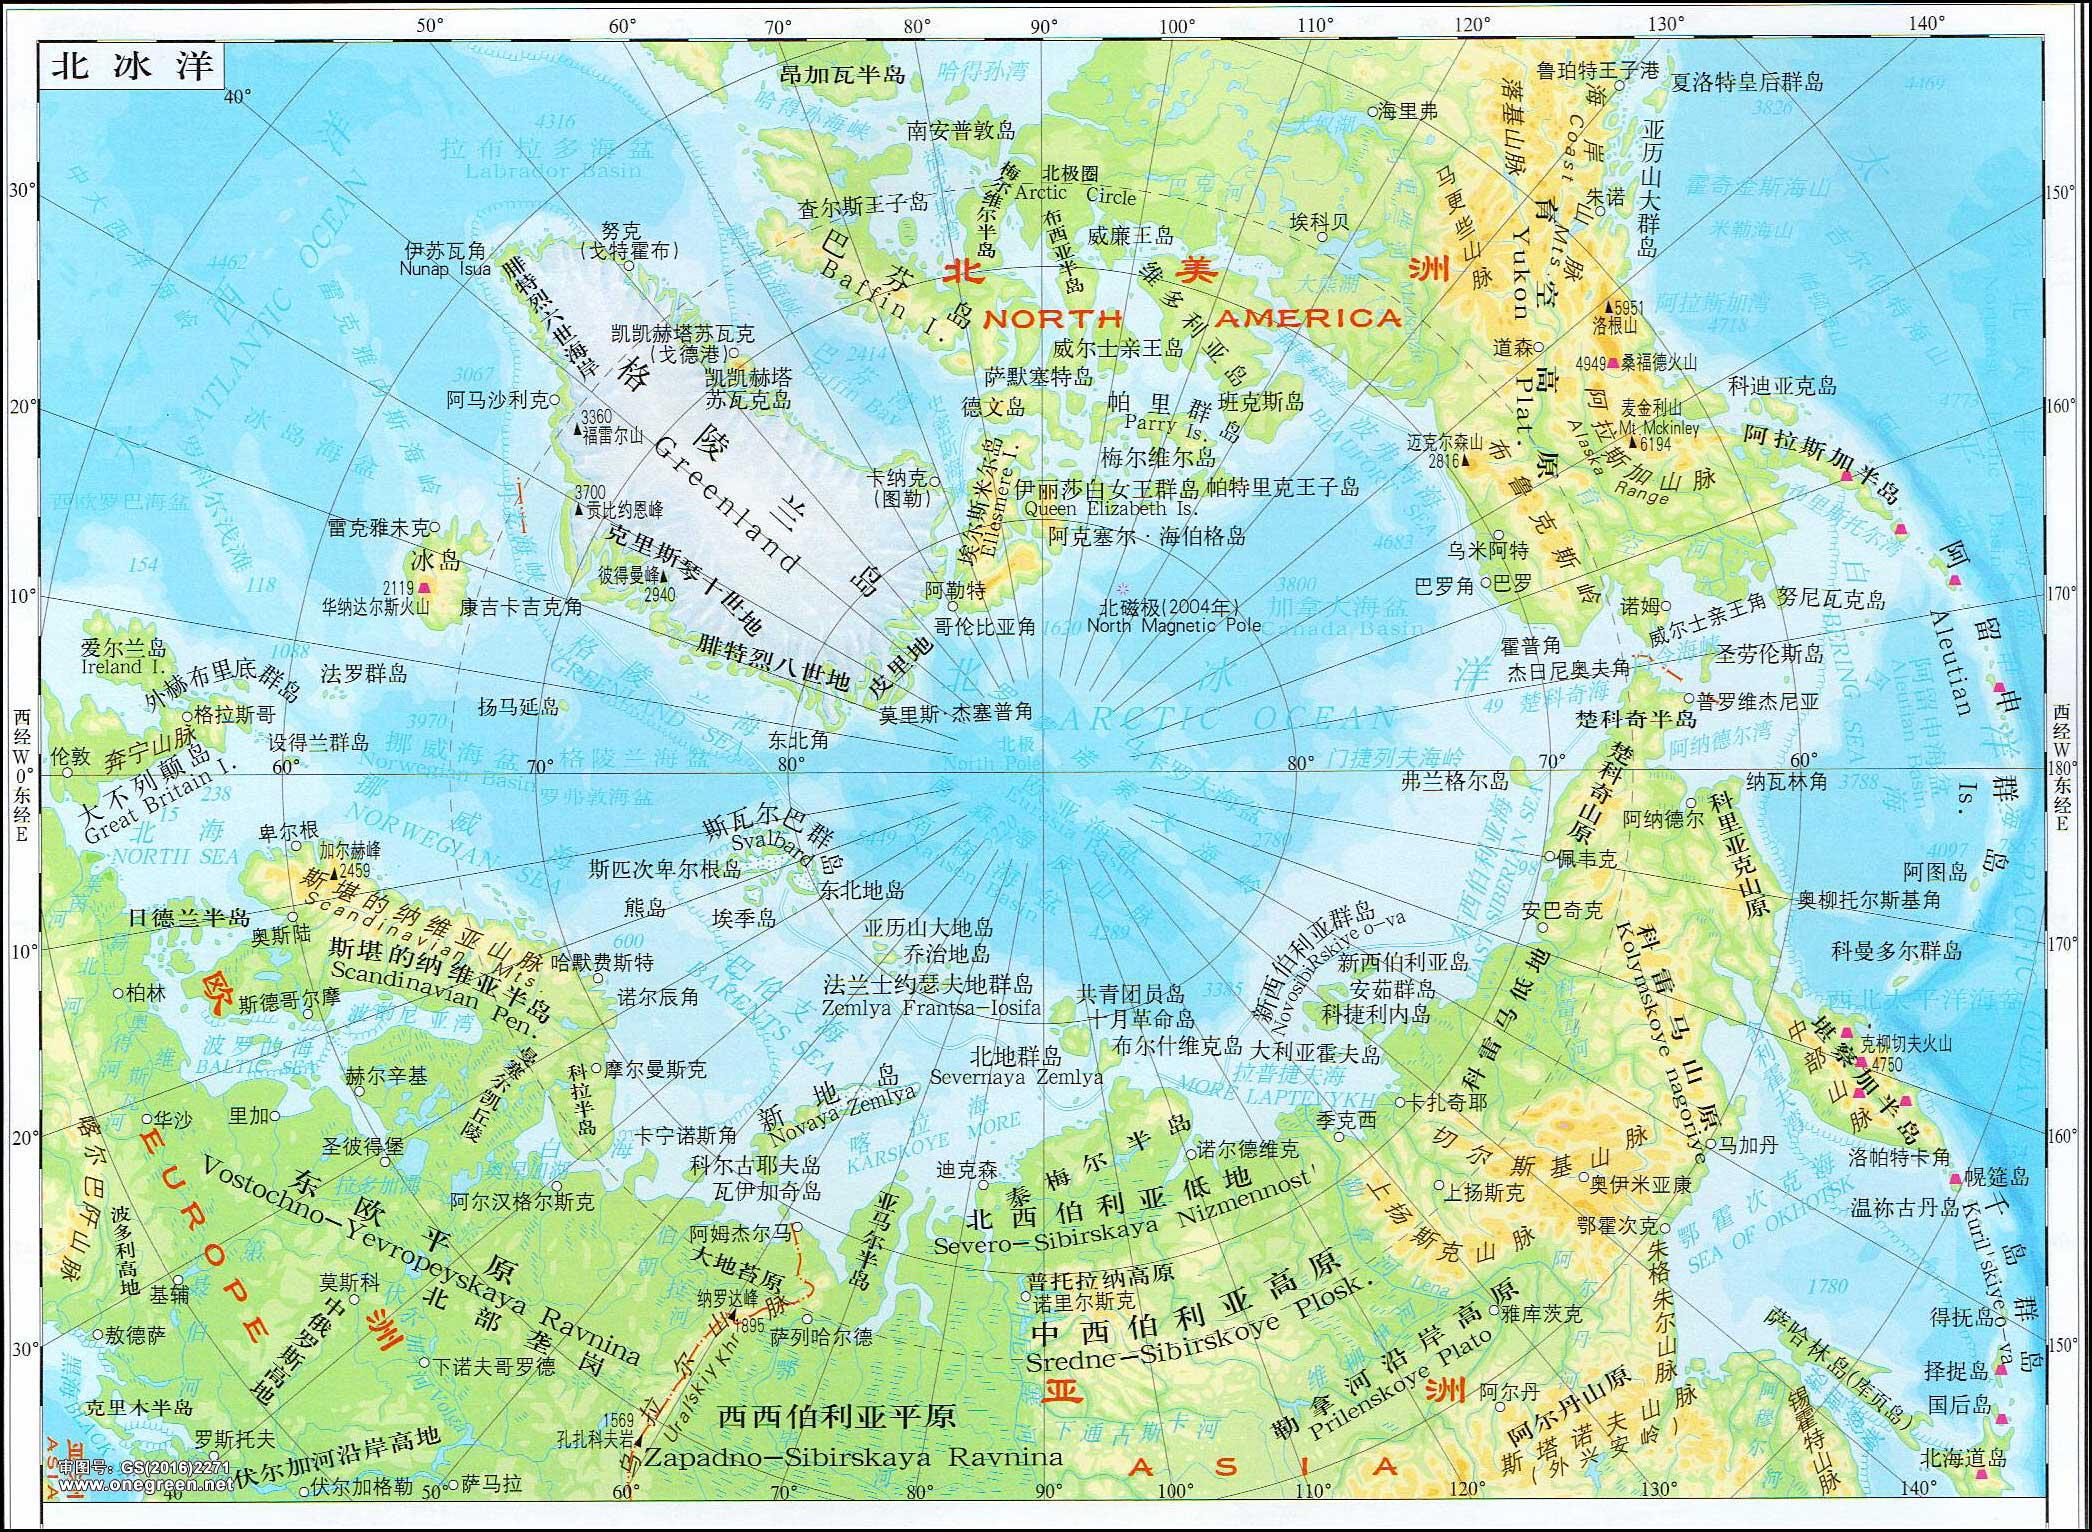 地图库 世界地图 海洋 >> 北冰洋地图